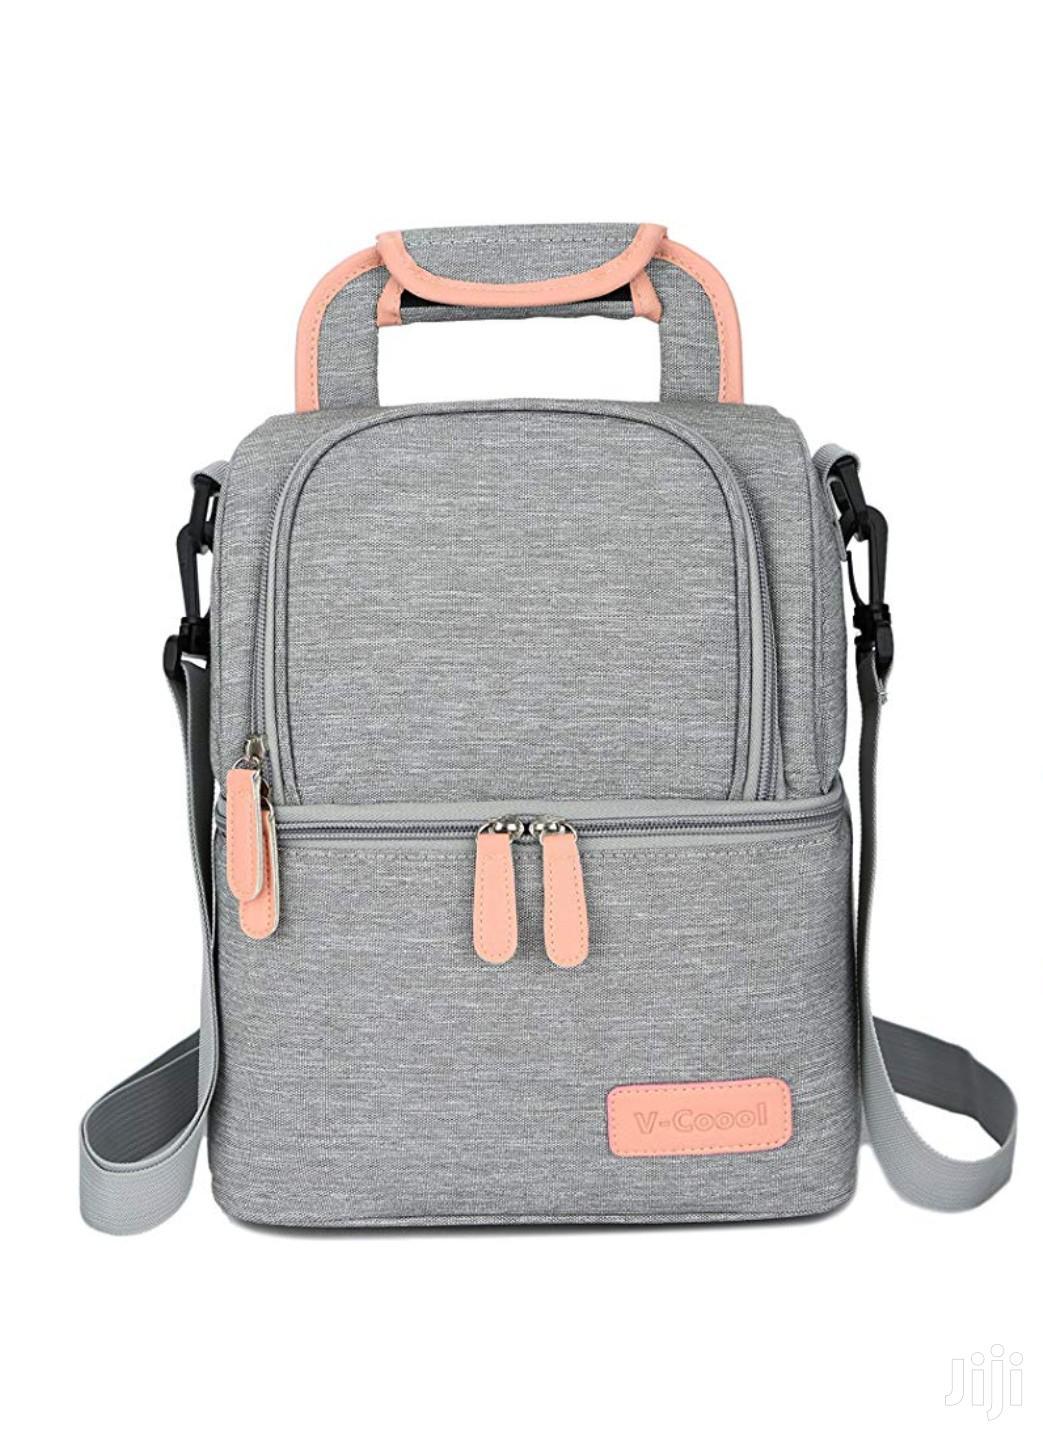 V-cool Cooler/Lunch Bag-grey